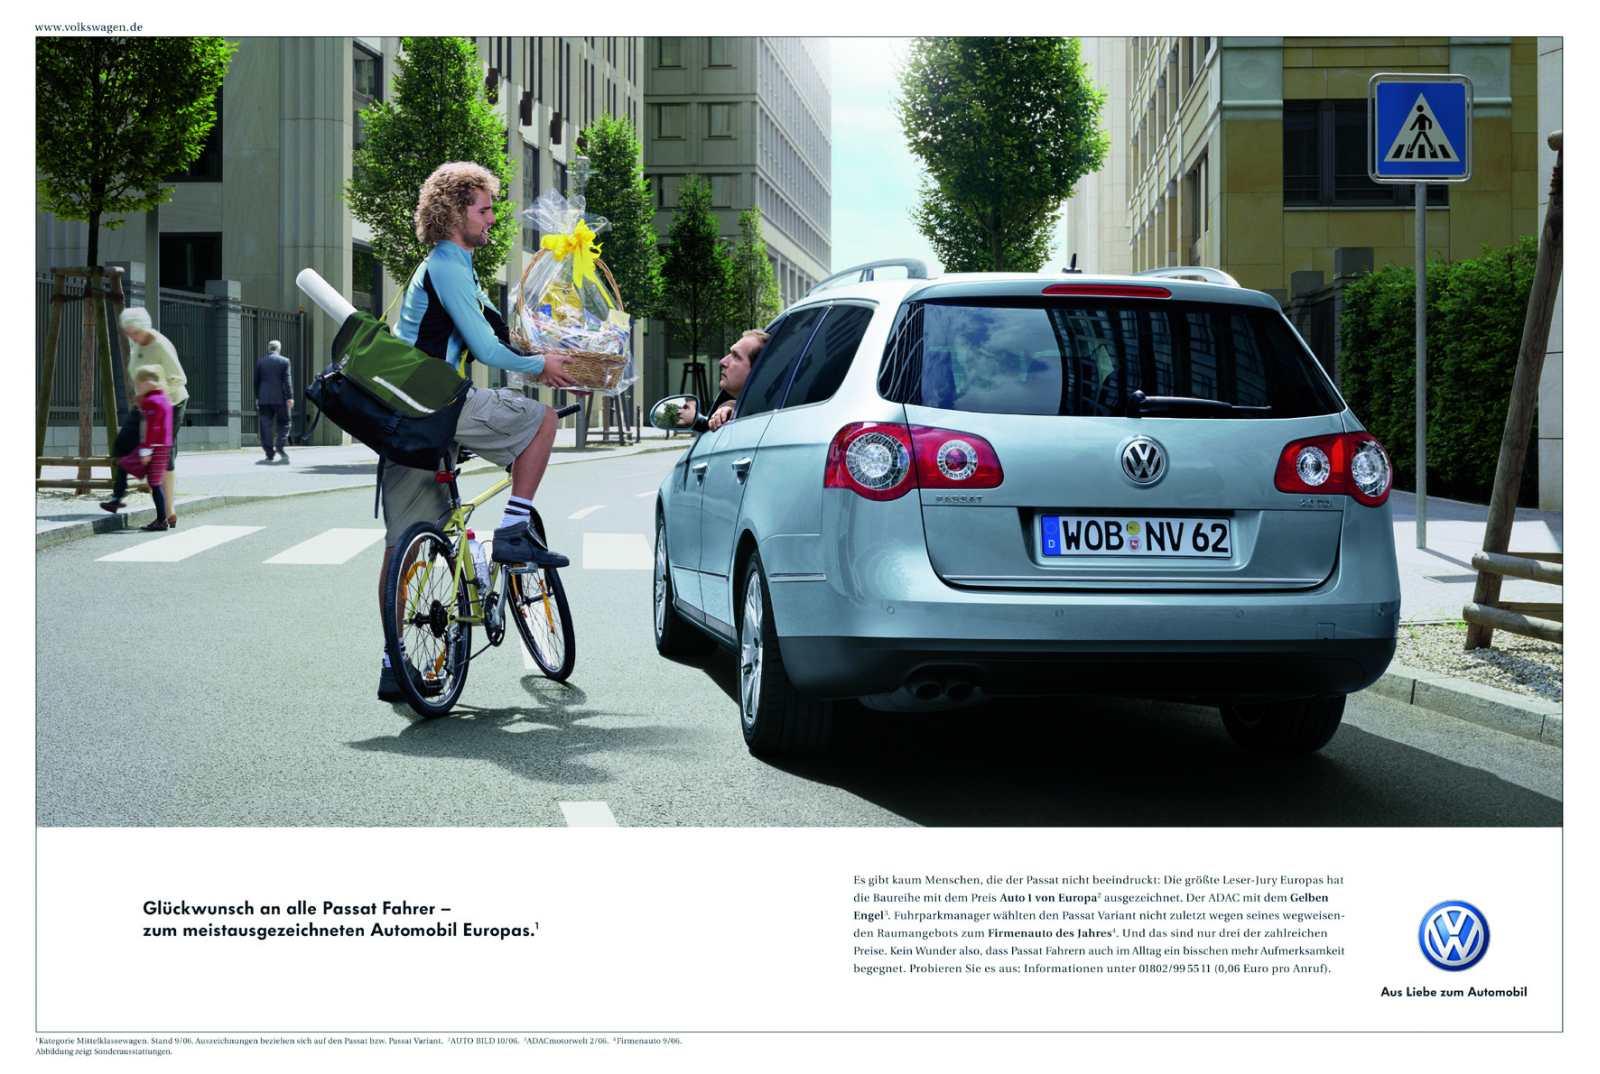 Automobilwerbung: VW mit interessantesten Kampagnen